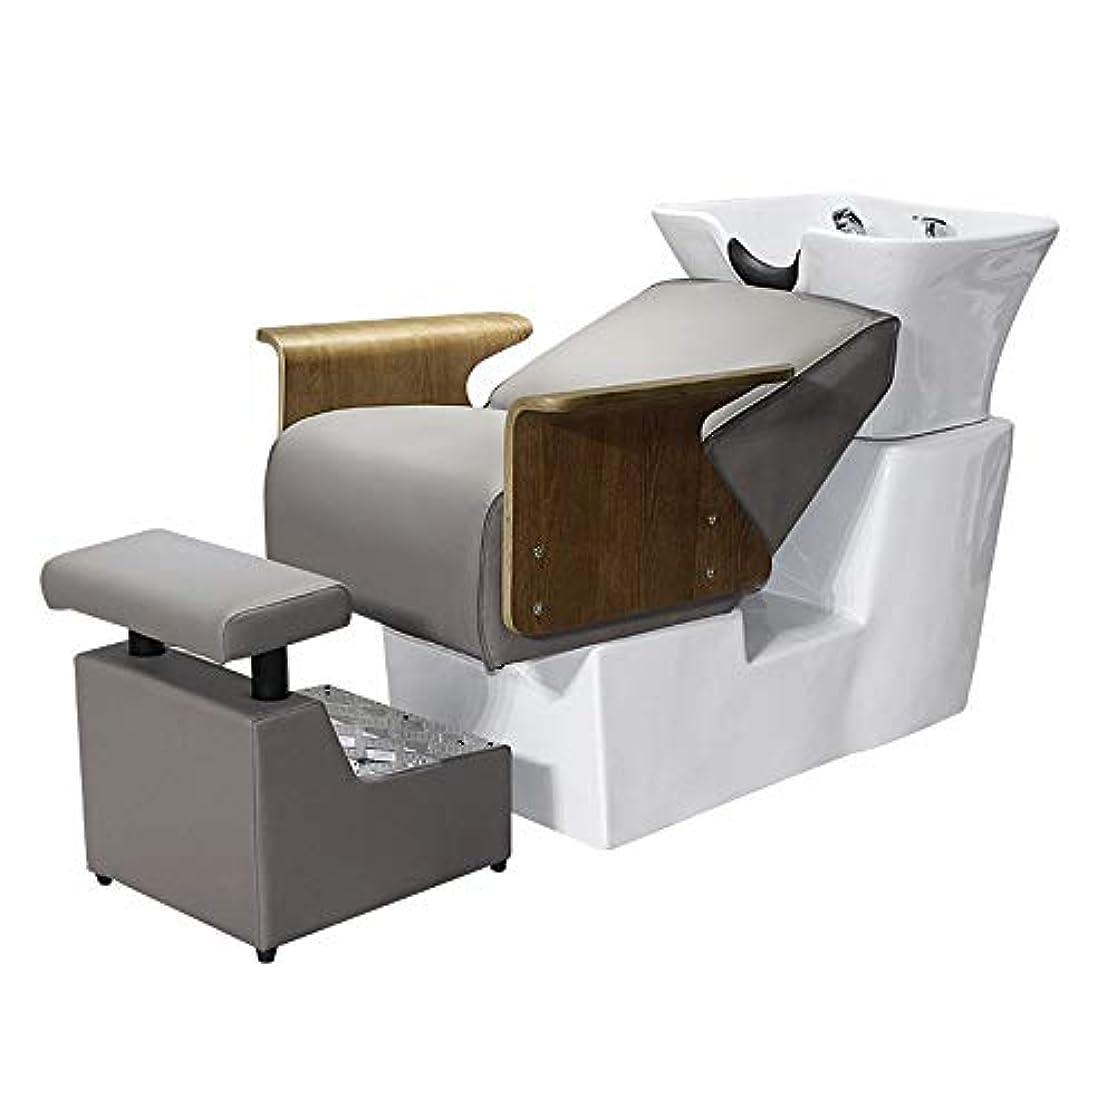 晩ごはん検索近所のシャンプーの椅子、陶磁器の洗面器のシャンプーのベッドの逆洗の単位の鉱泉の美容院装置のためのシャンプーボールの理髪の流しの椅子